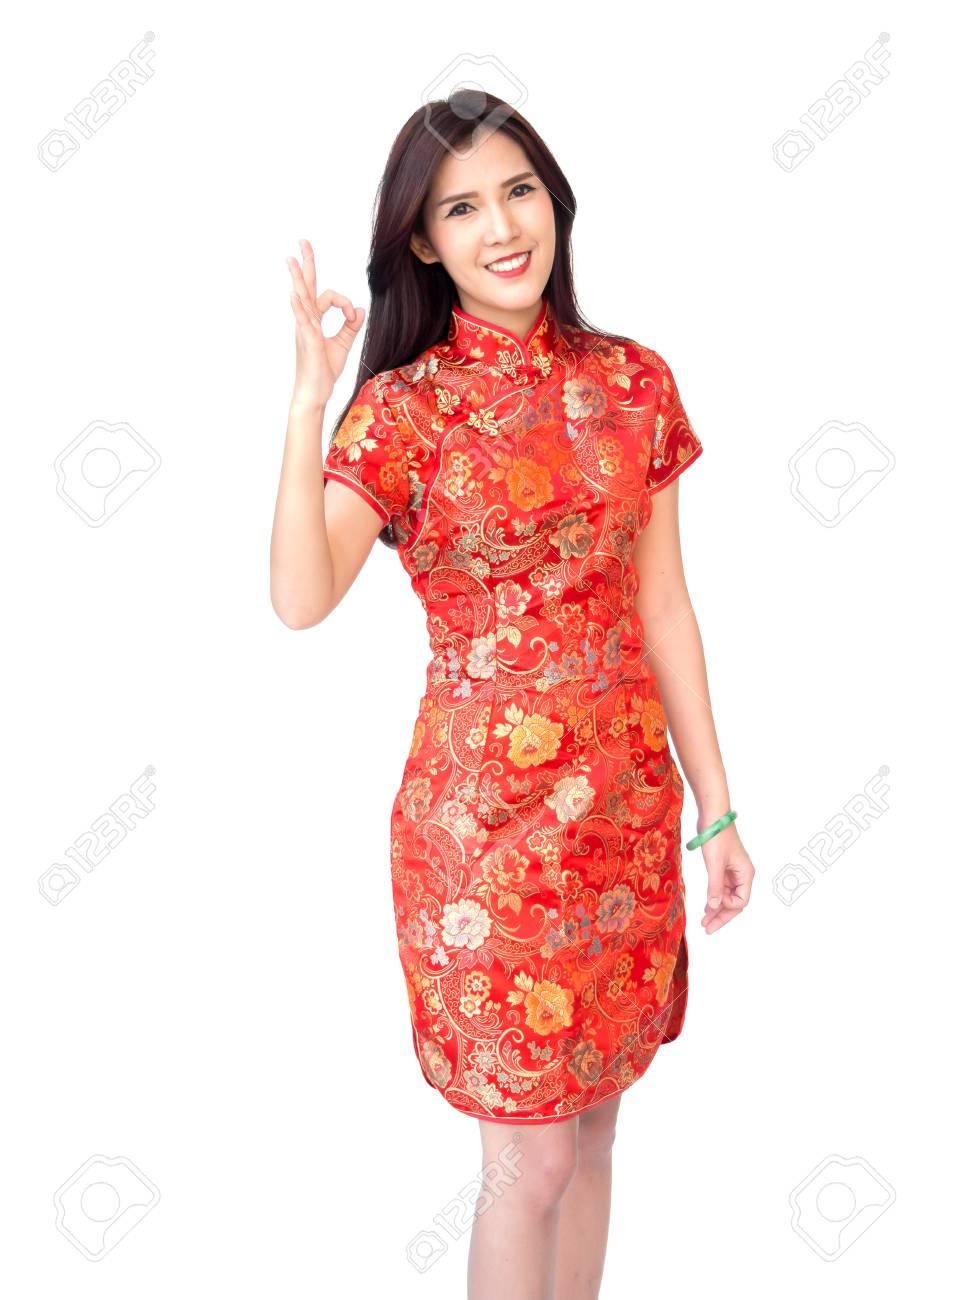 Concept De Femme De Nouvel An Chinois Femme Asiatique Isolee Vetue D Une Robe Rouge Cheongsam Avec Ok Doigt Agissant Banque D Images Et Photos Libres De Droits Image 87787498